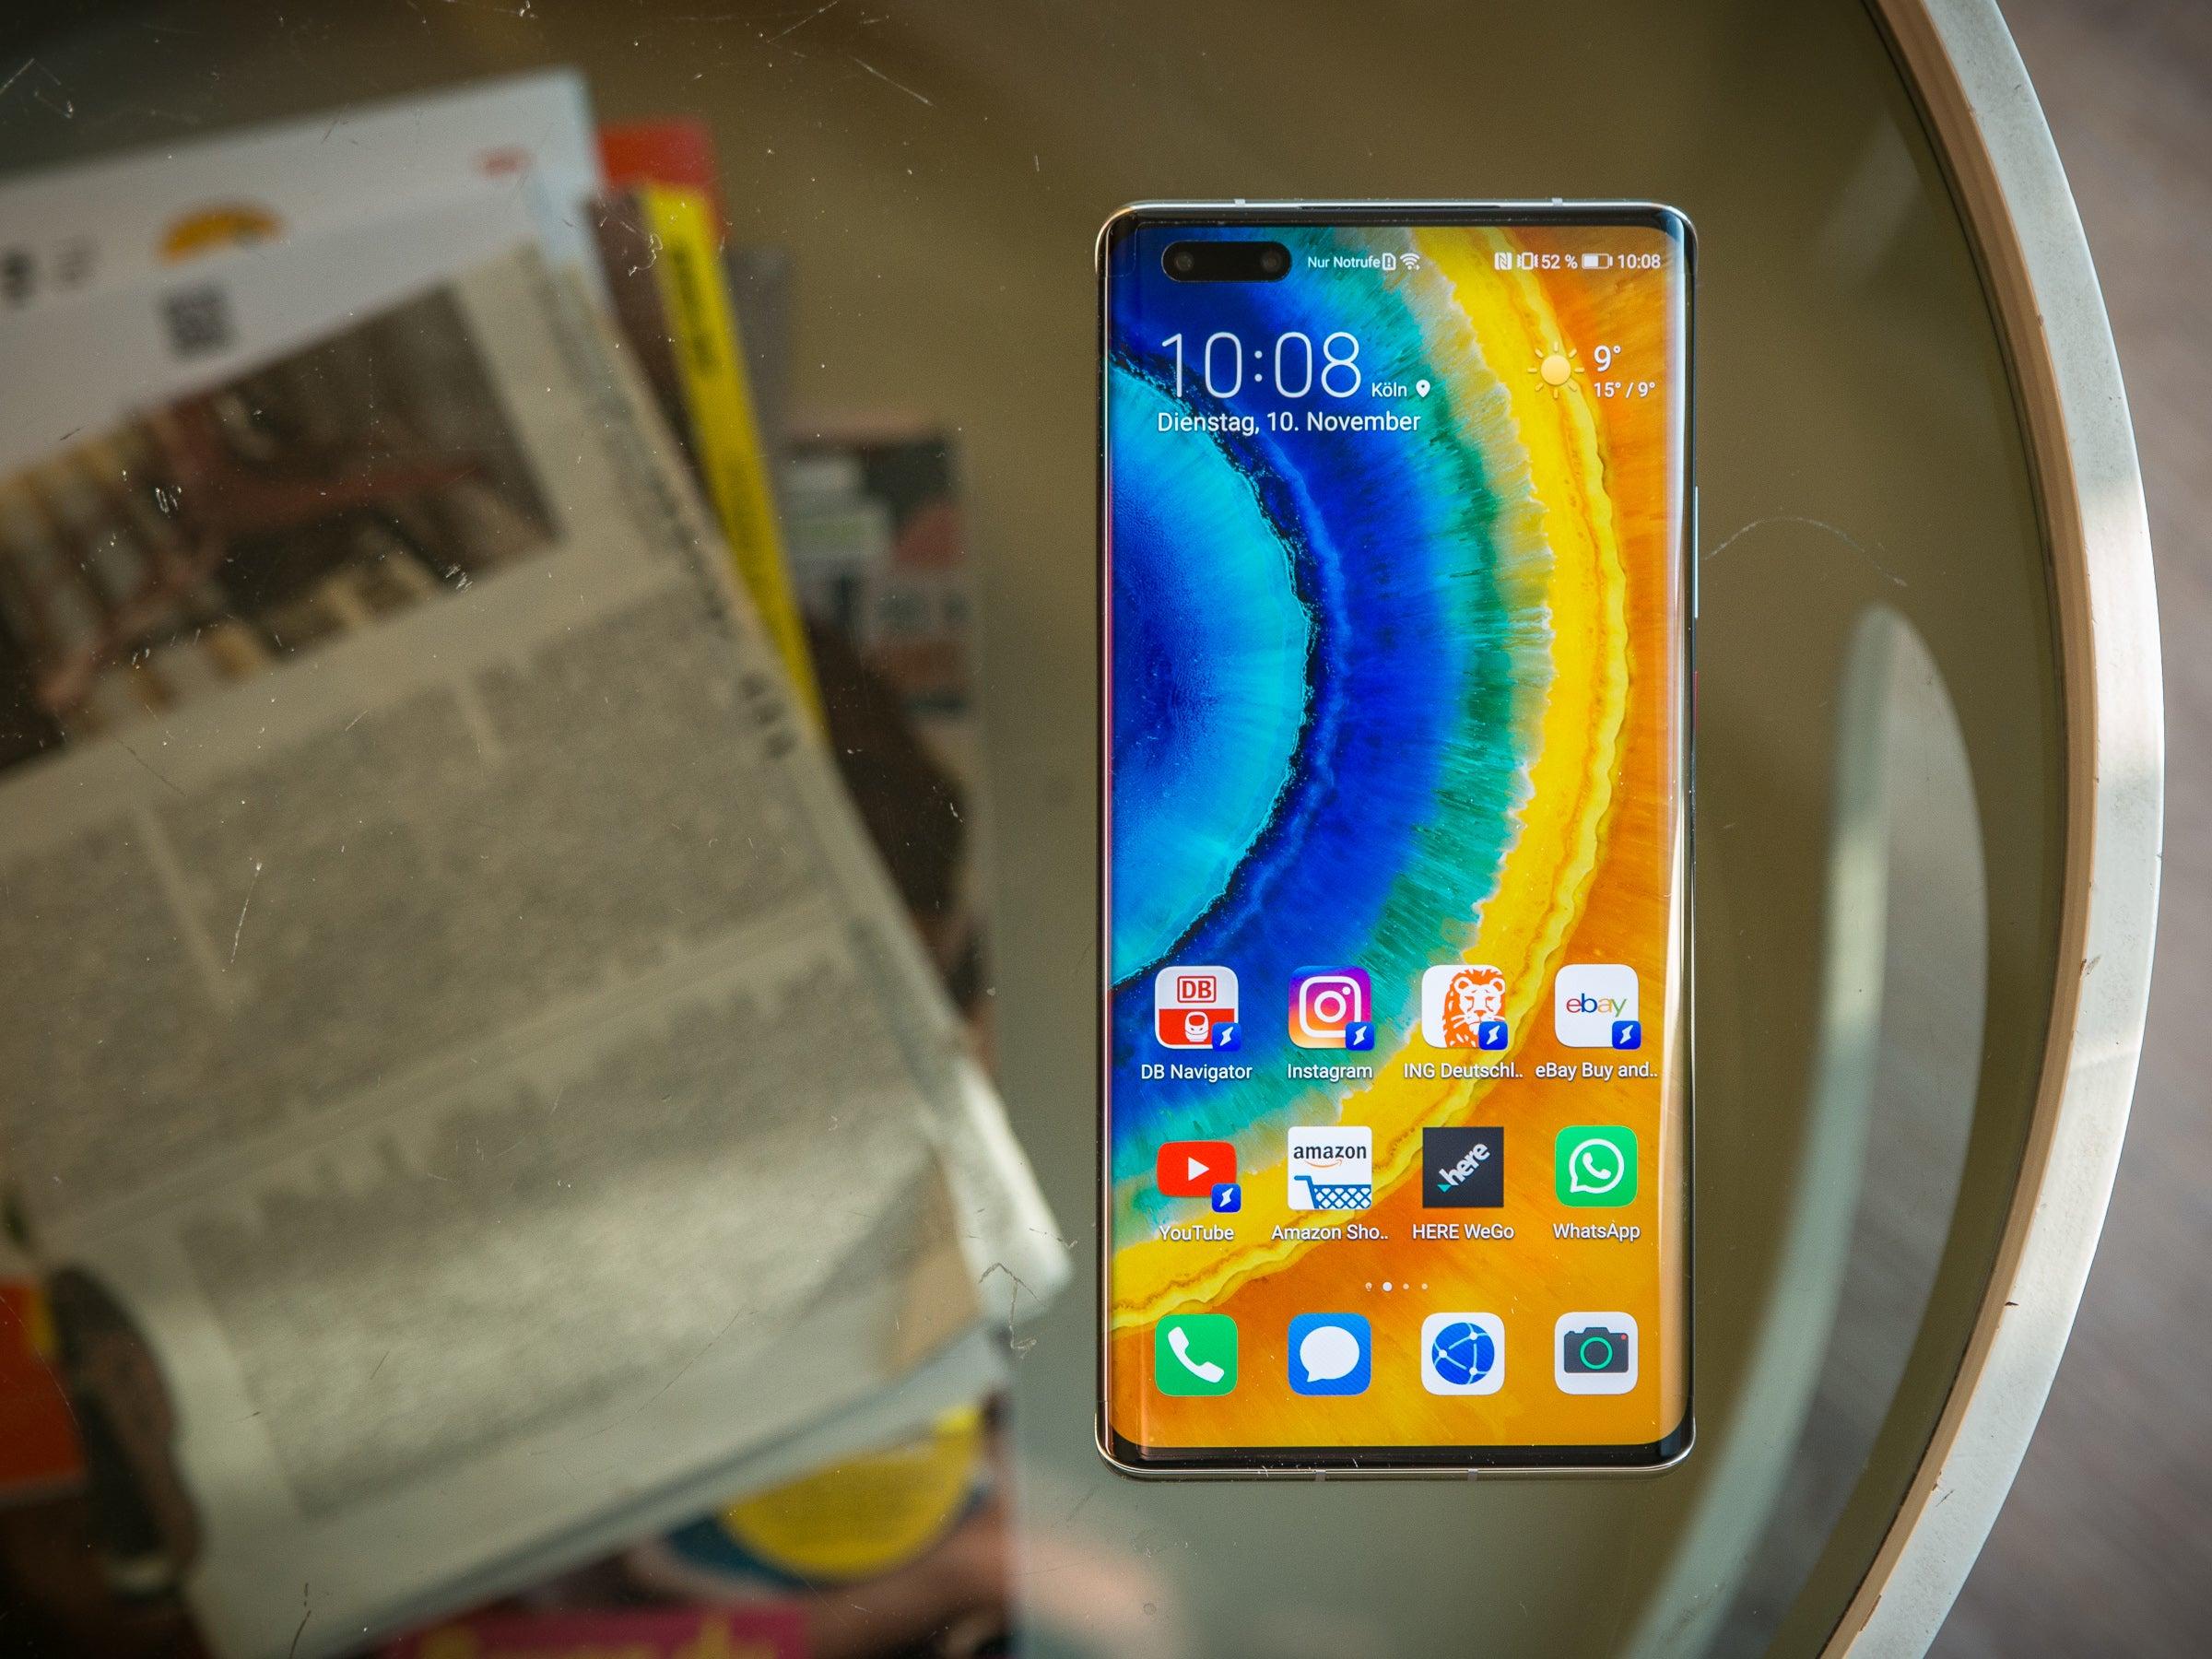 Jetzt macht Huawei Ernst: Bringt diese Entscheidung den Erfolg zurück? - inside digital